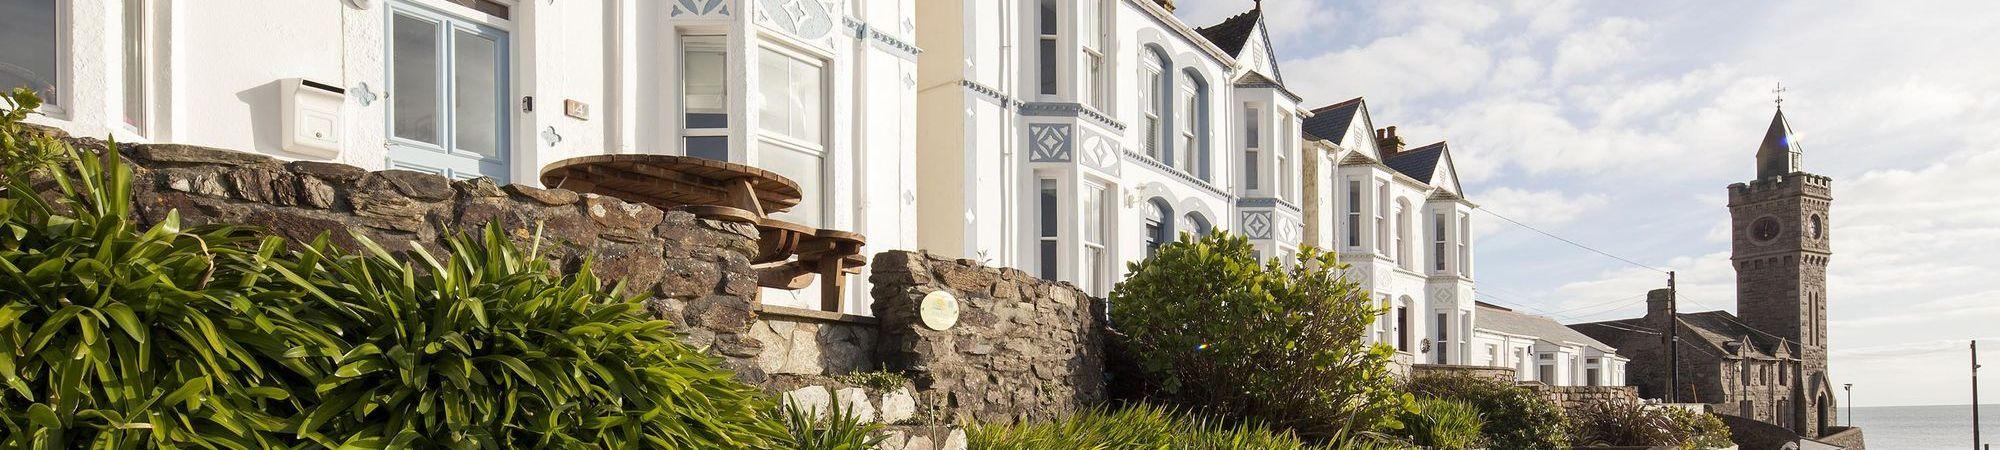 Gwel Teg - Porthleven Holiday Cottages